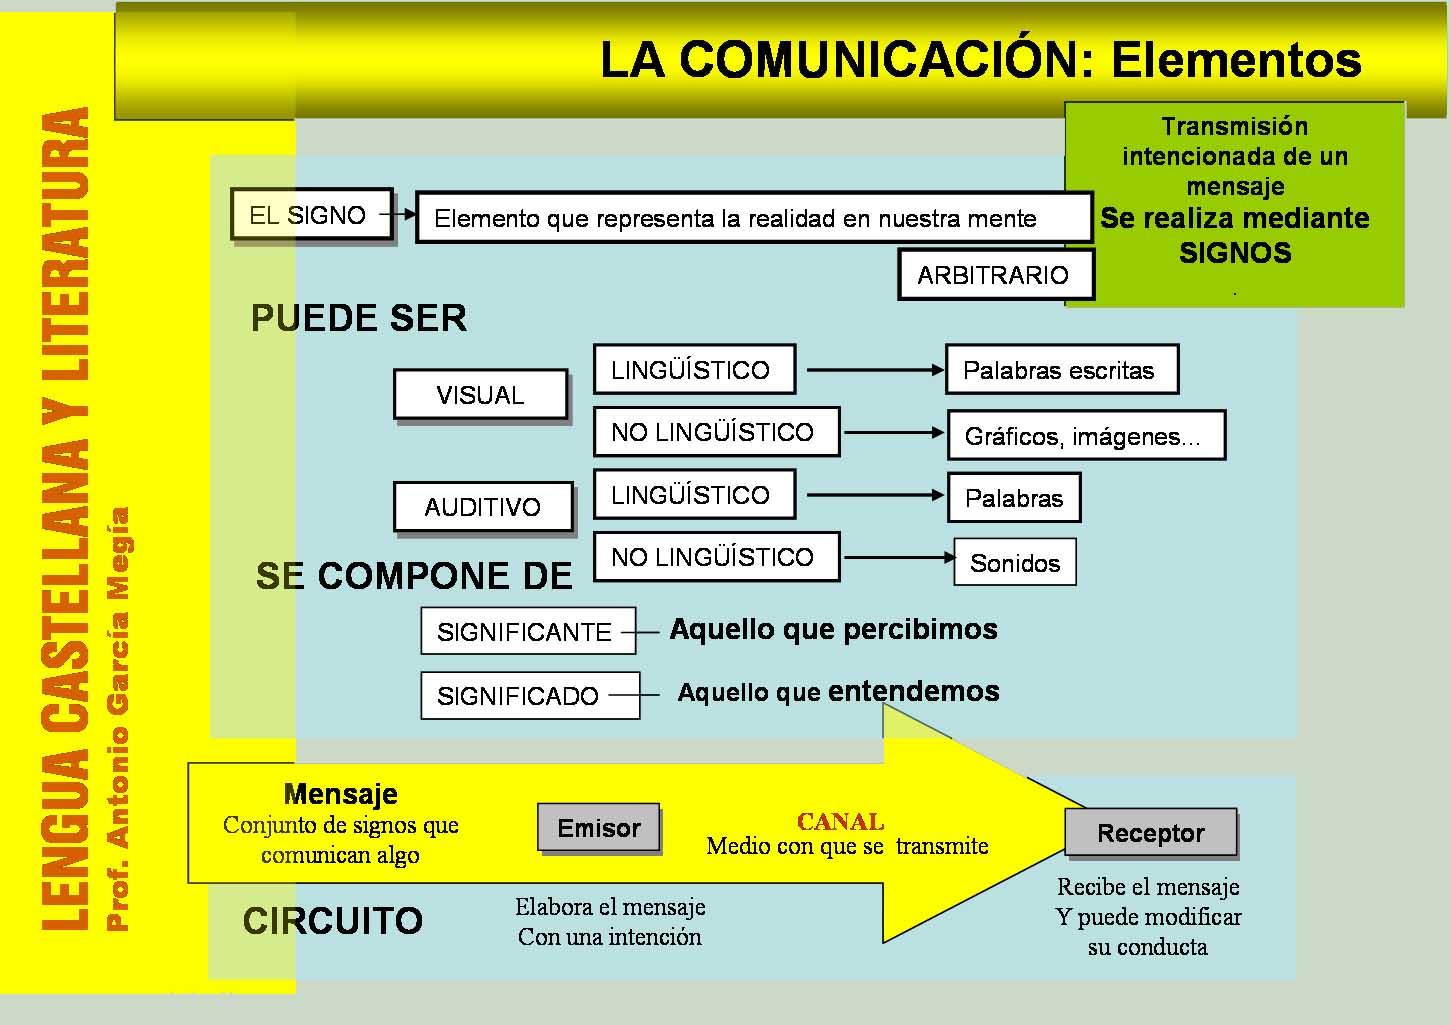 Circuito Significado : Español 1 sociales dianita jurado: el signo lingÜÍstico